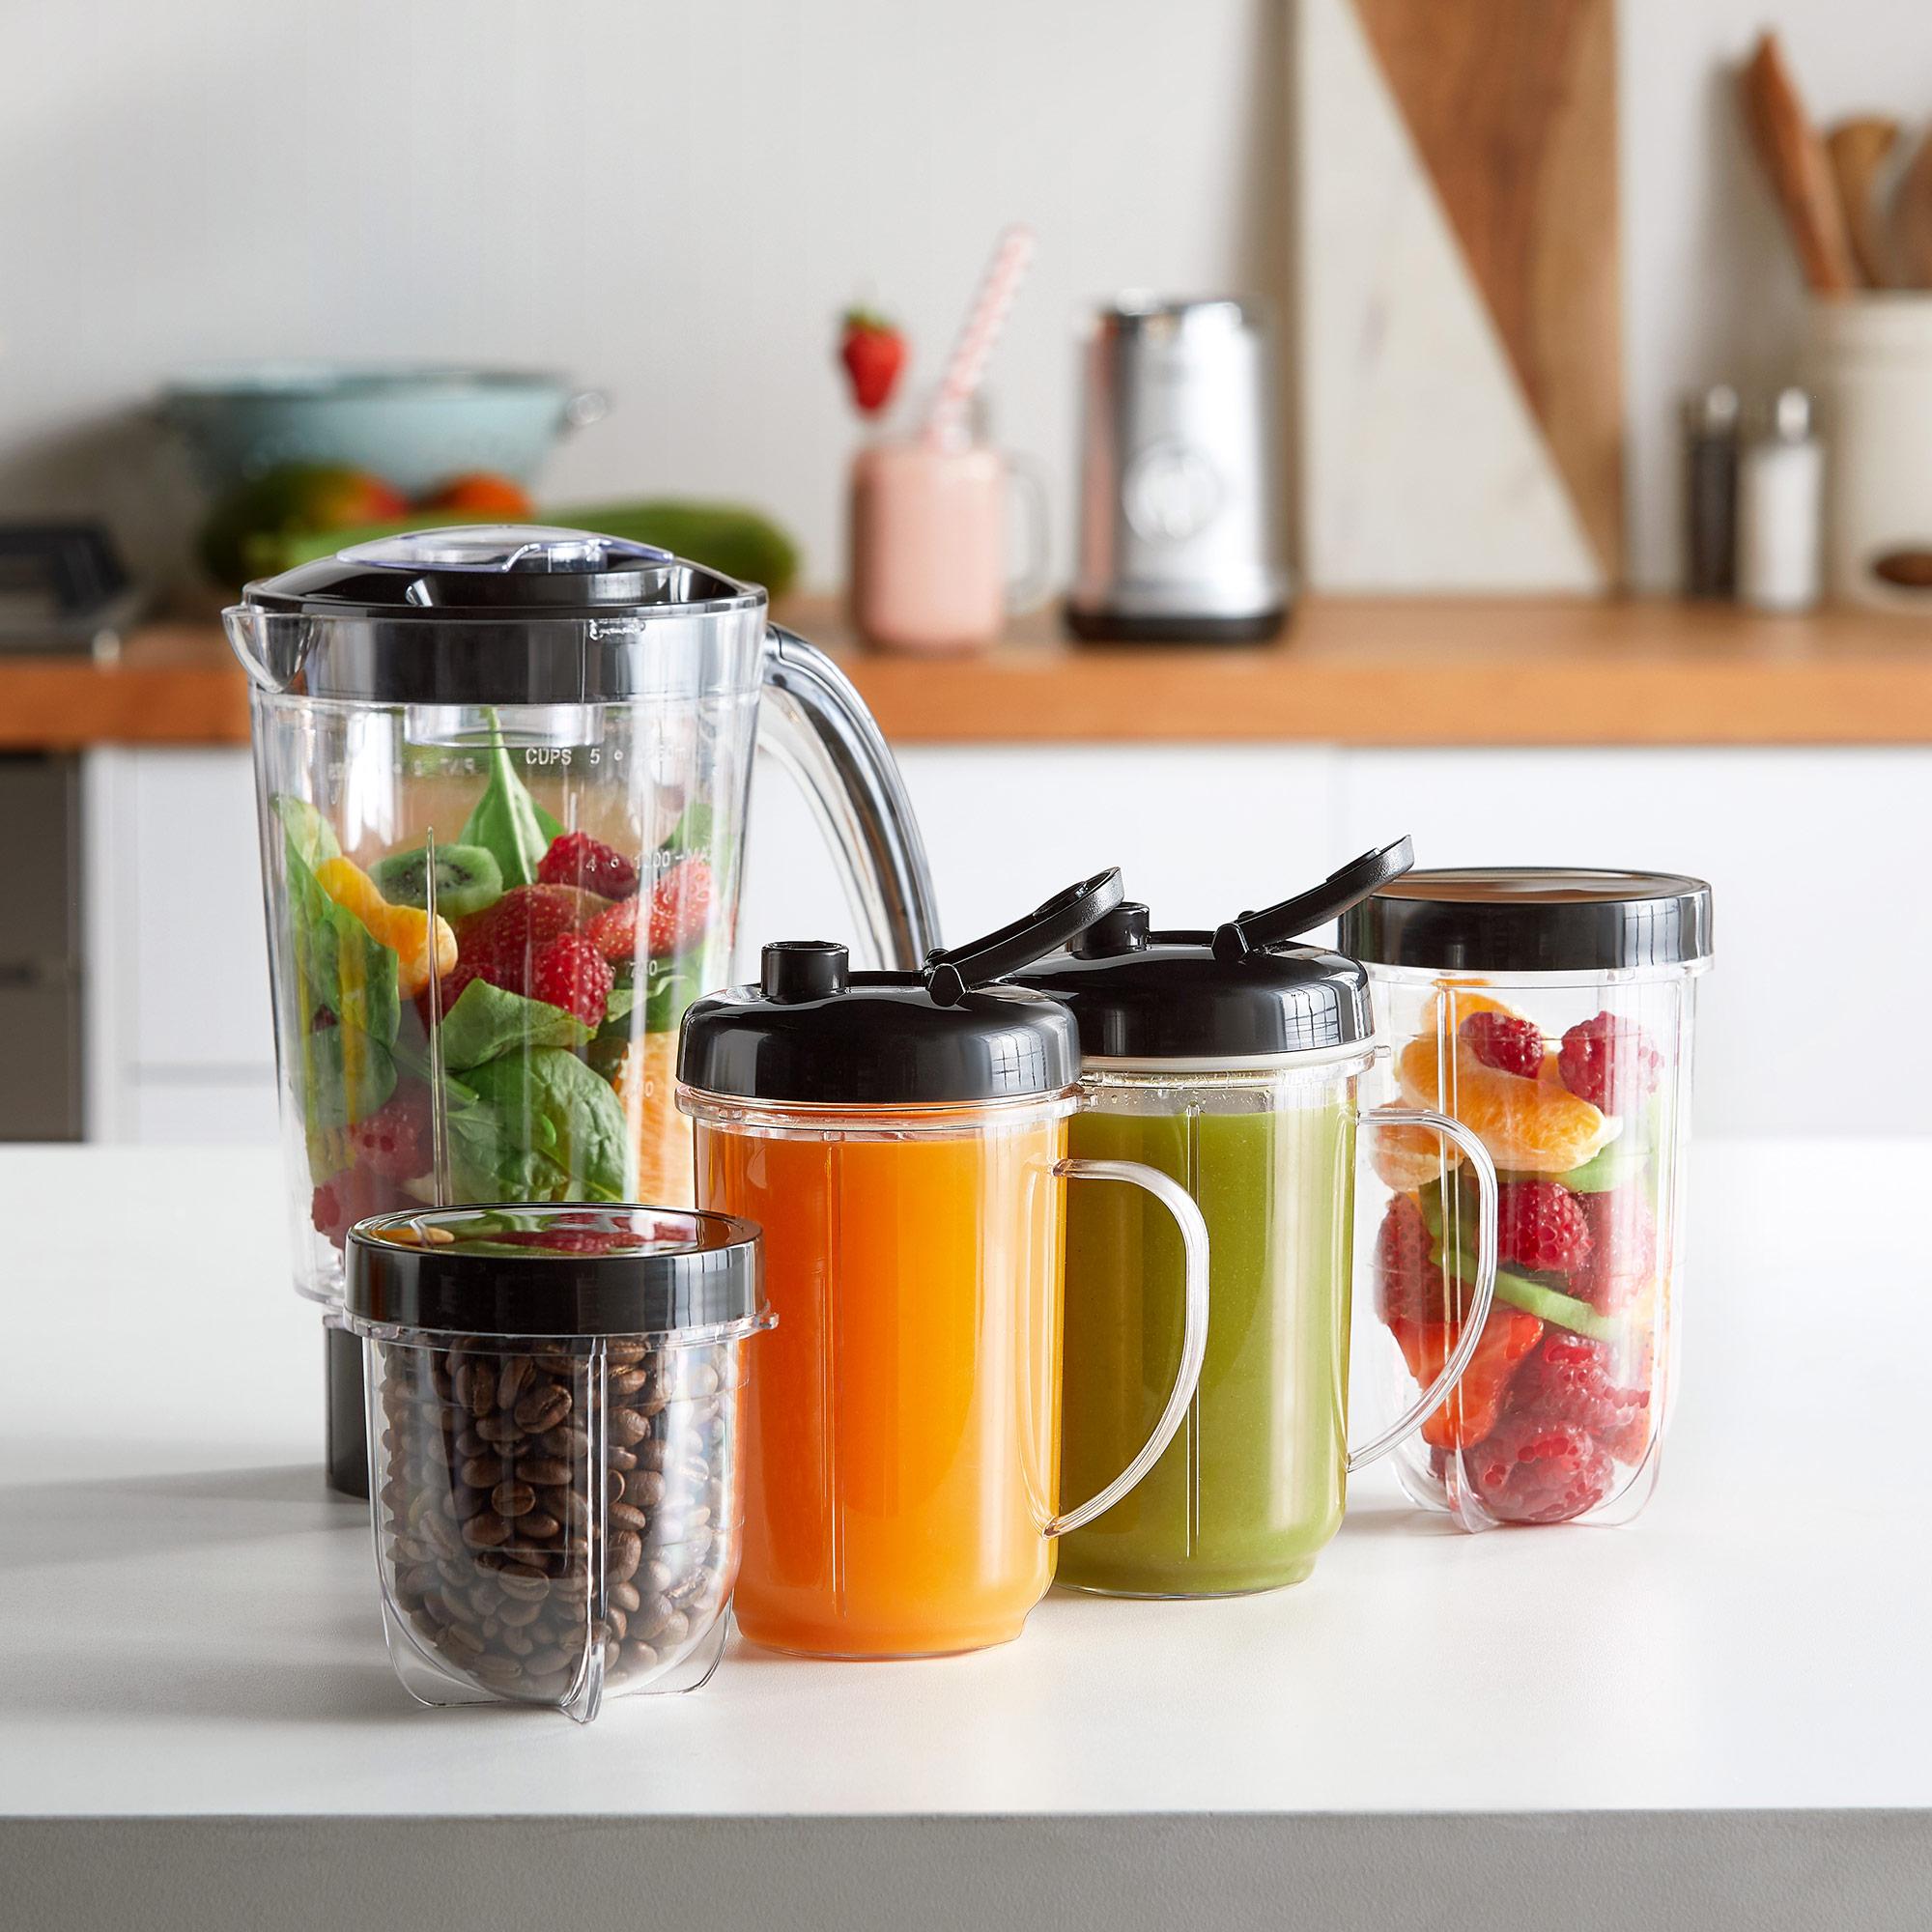 Details about VonShef Blender 4 in 1 Smoothie Maker Food Fruit Juicer Coffee Grinder 1L Jug